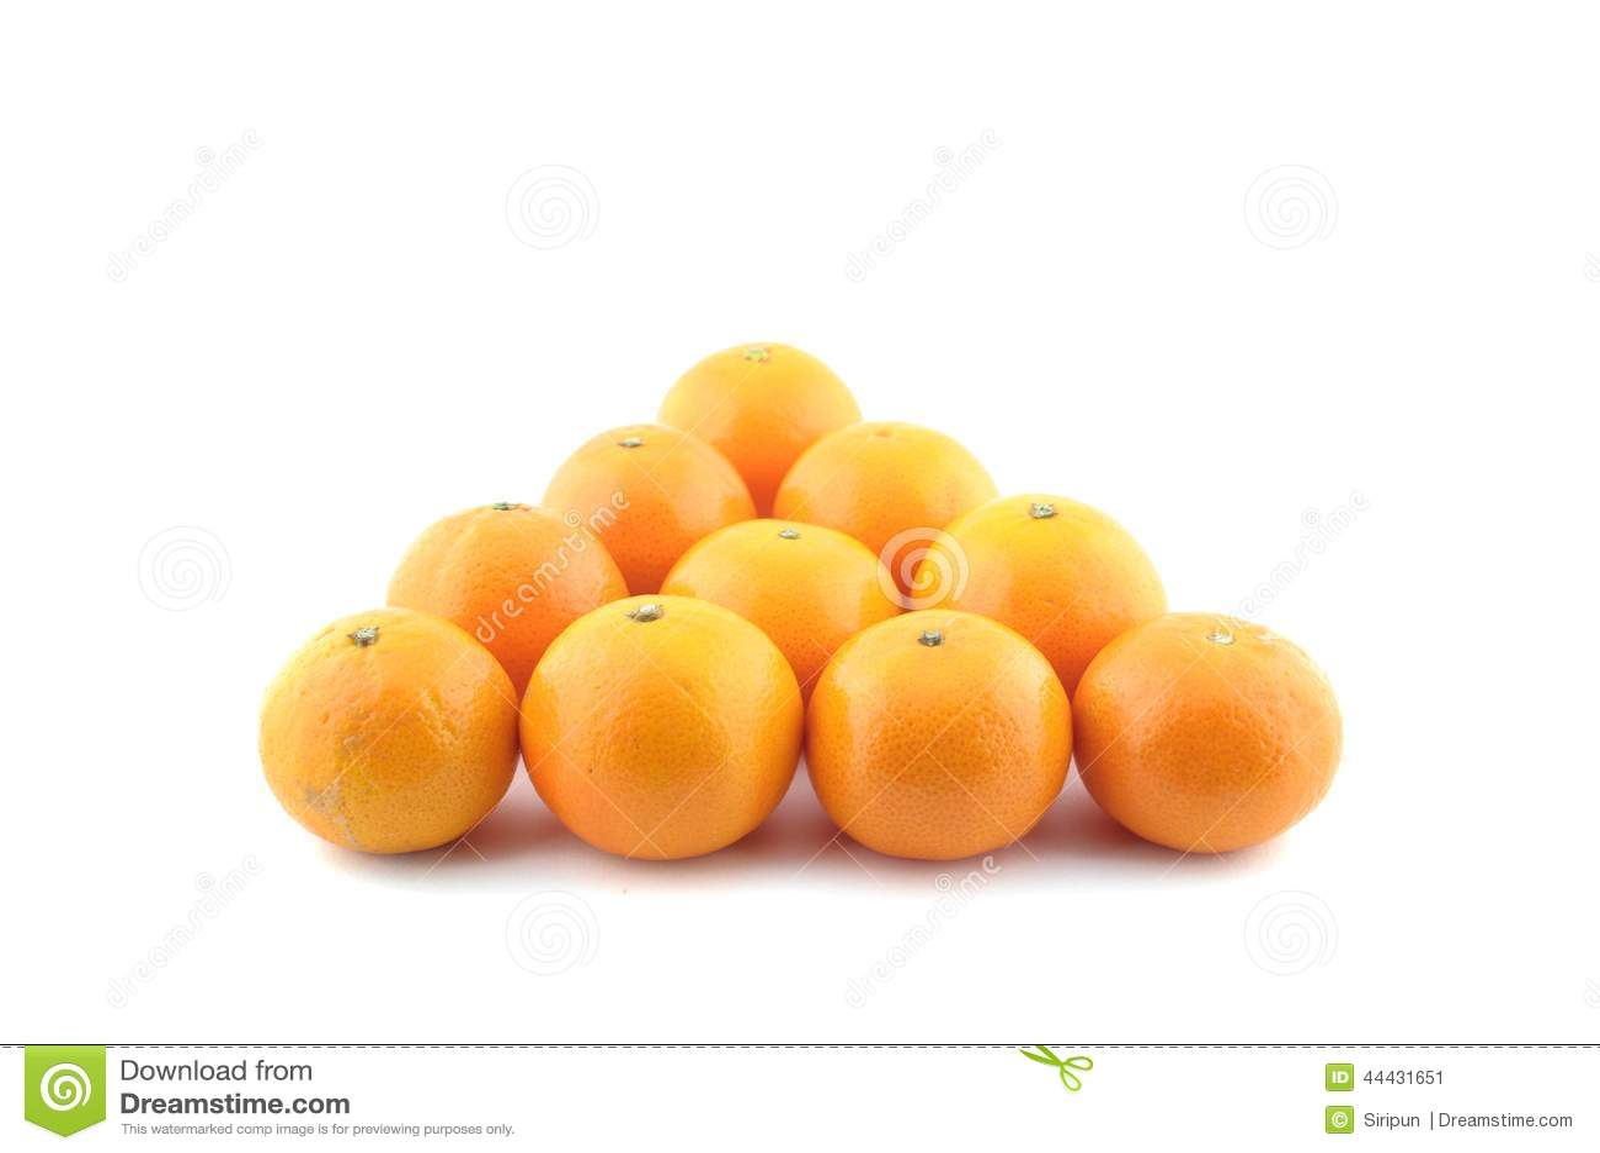 photo stock orange frache du numro image